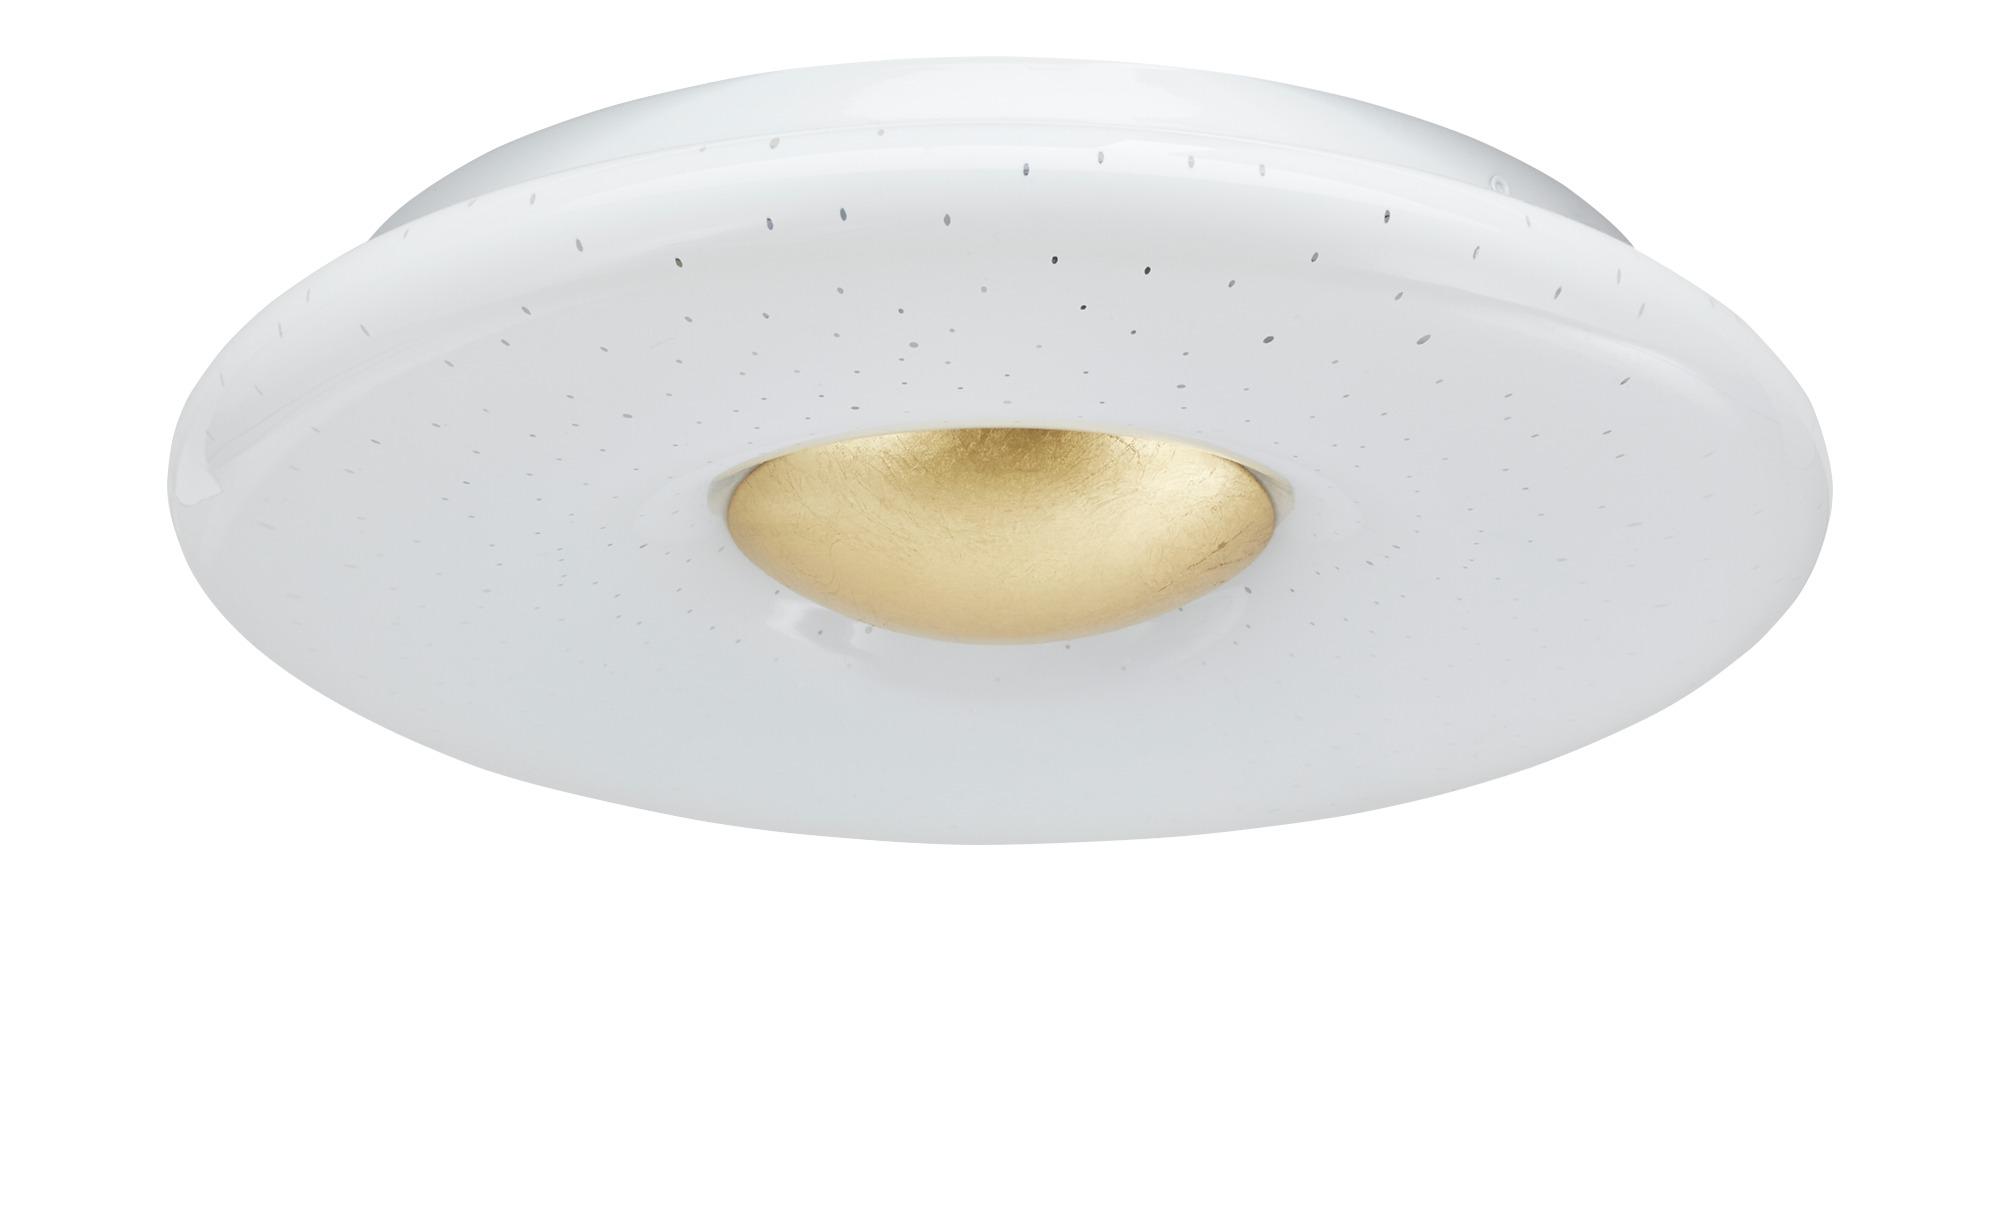 KHG LED-Deckenleuchte, Weiß / Gold ¦ weiß ¦ Maße (cm): H: 6,5 Ø: 40 Lampen & Leuchten > Innenleuchten > Deckenleuchten - Höffner